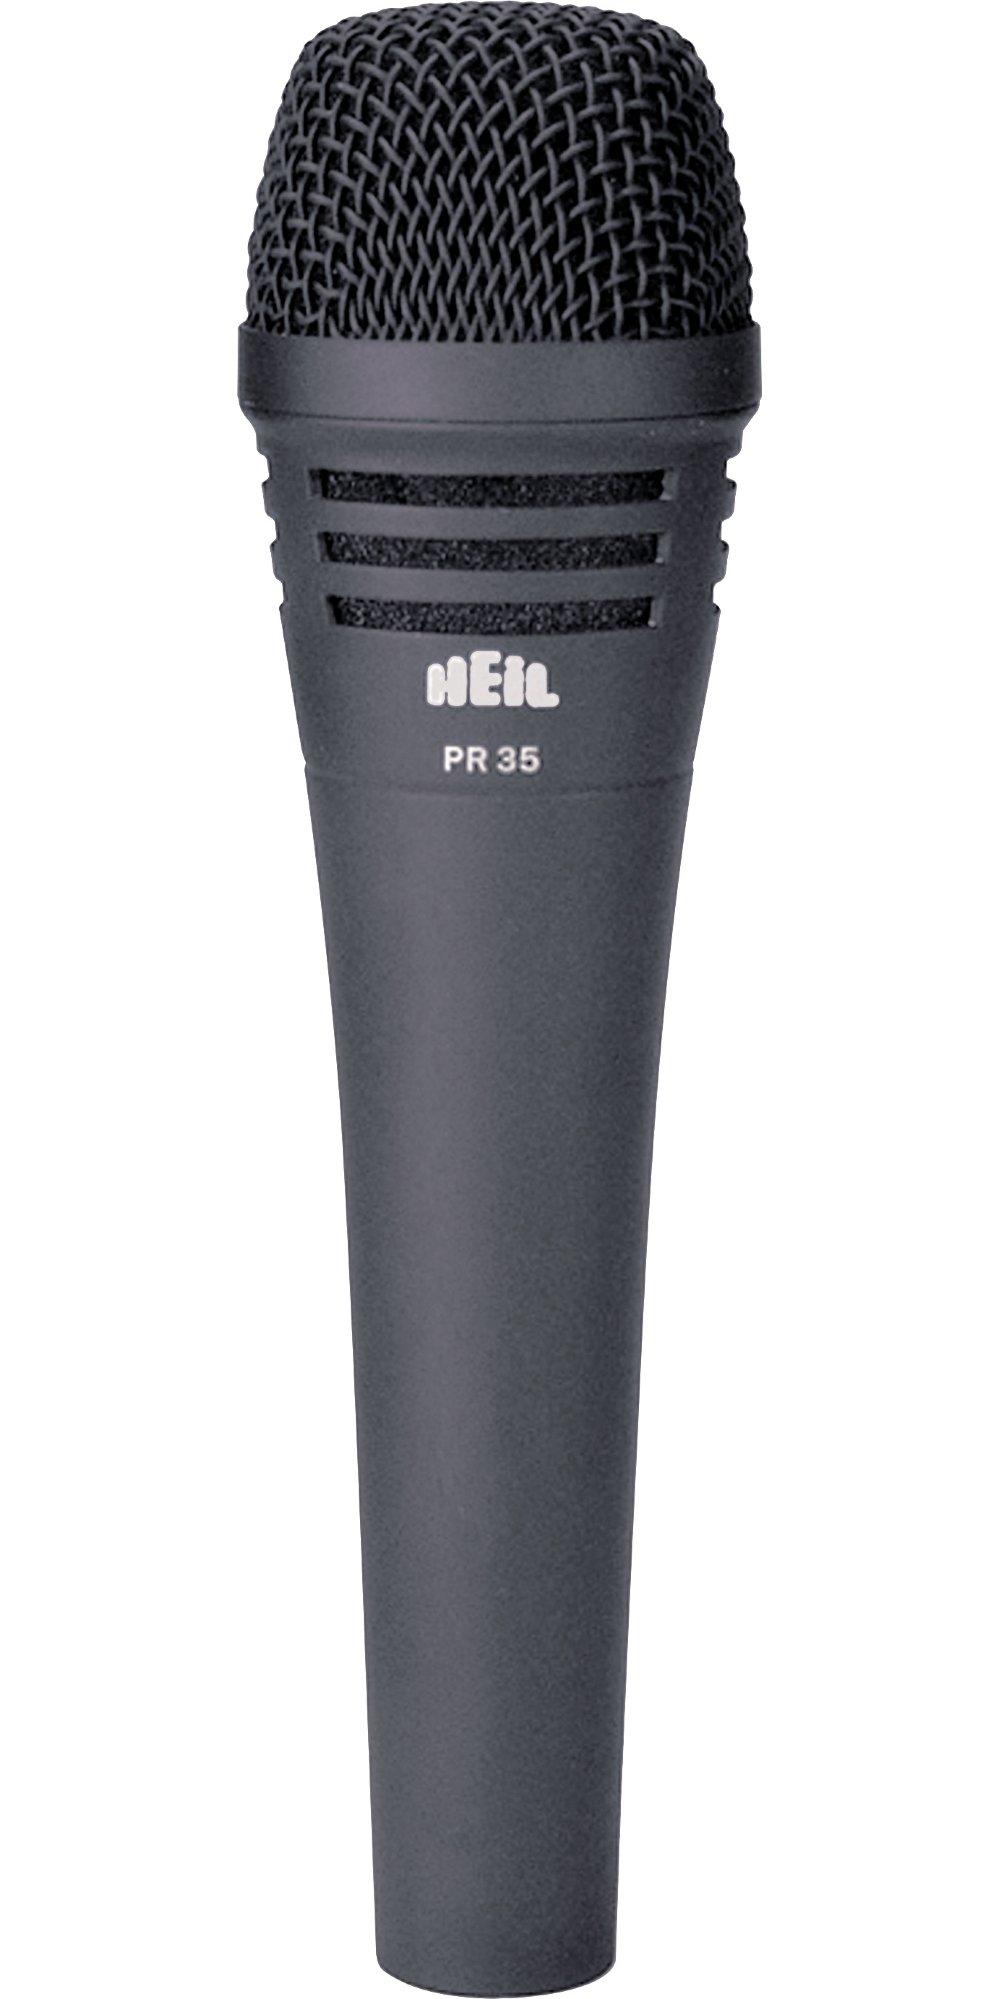 Microfono Heil Sound Pr 35 Dynamic ...